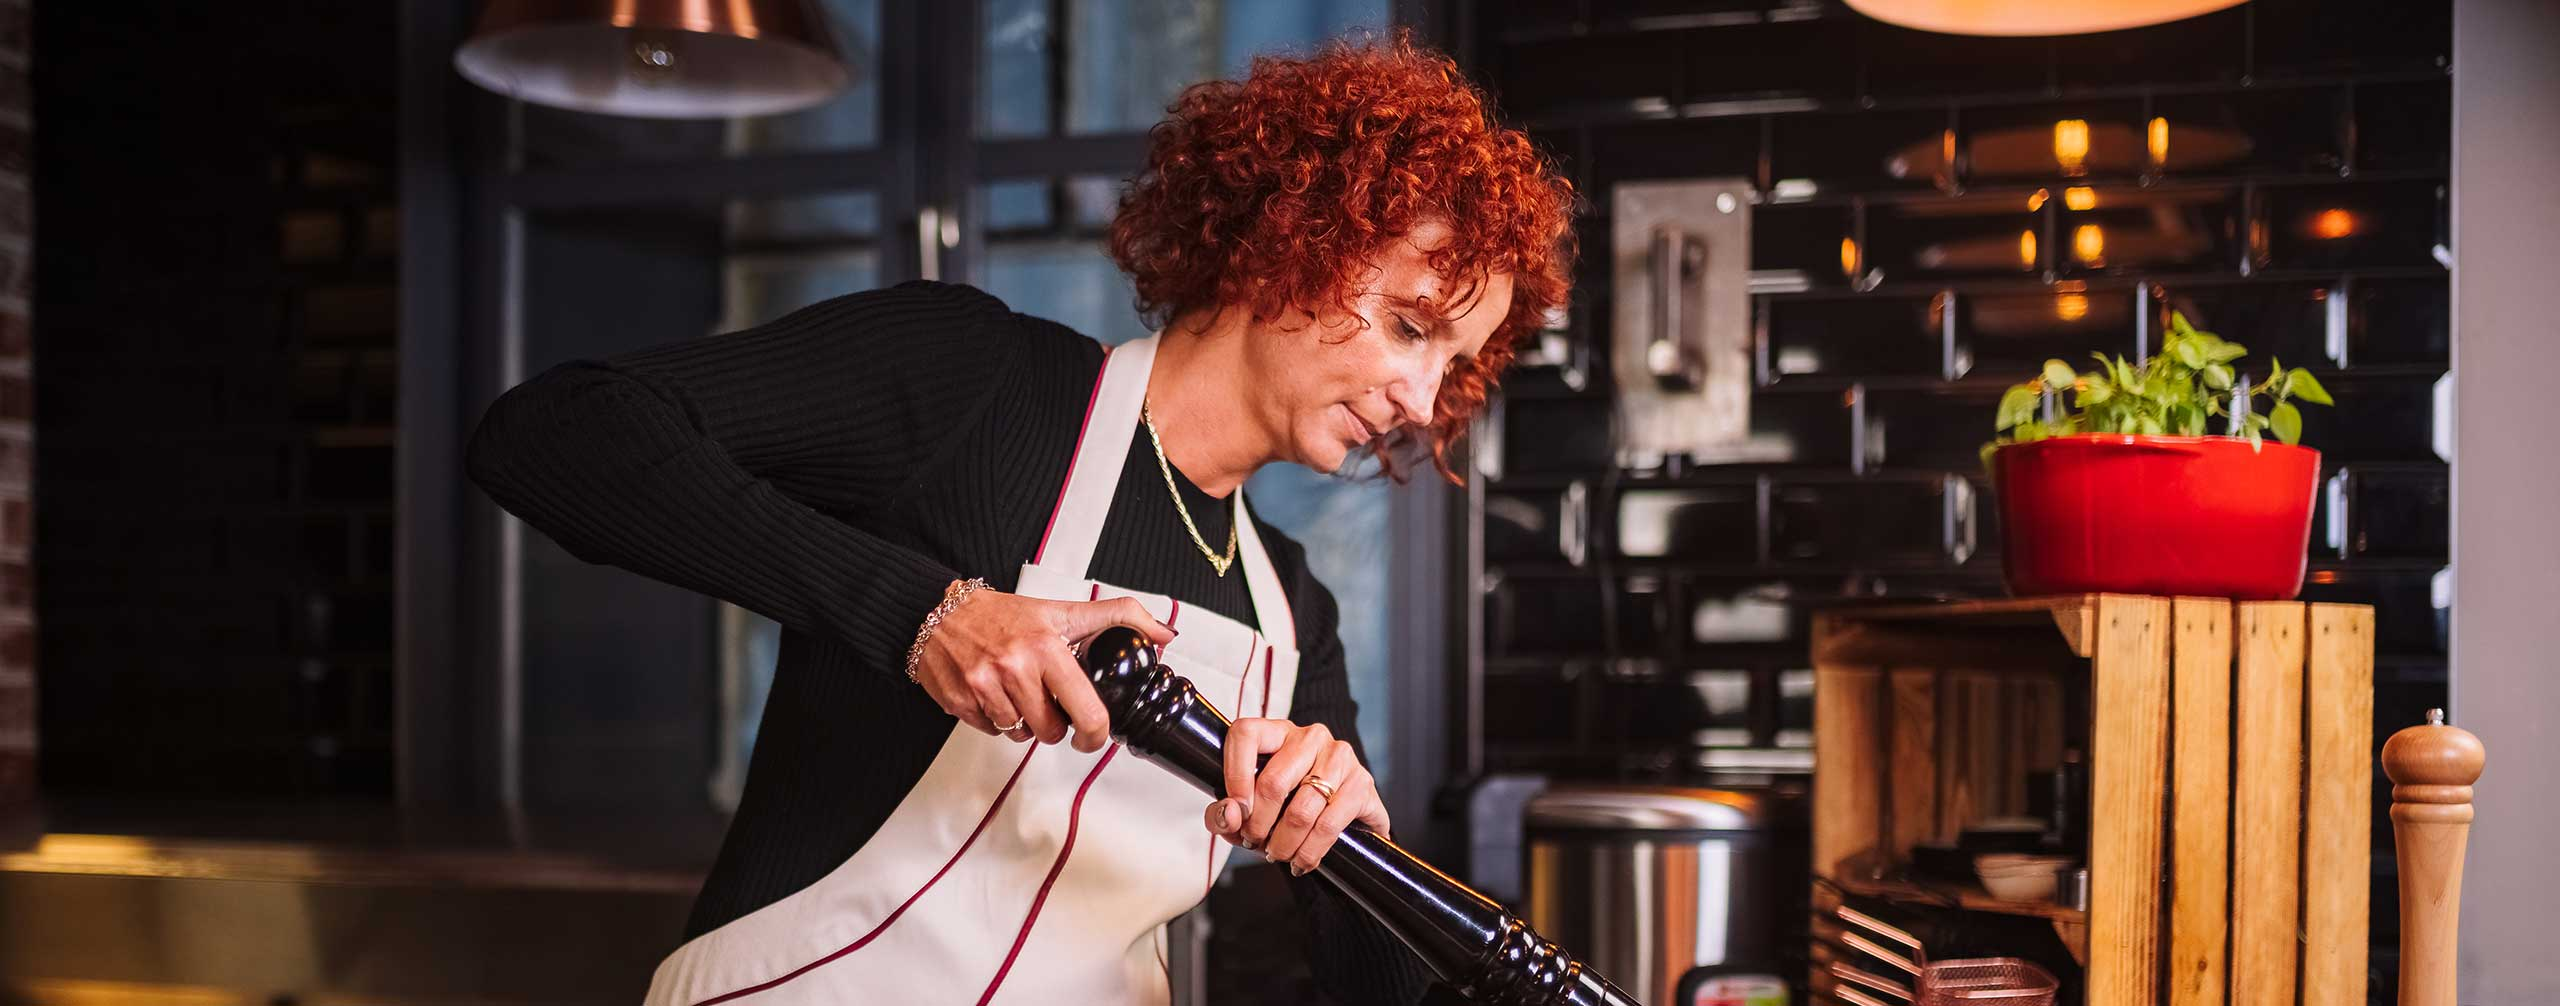 le tablier | rothaarige Frau beim Kochen in der Küche